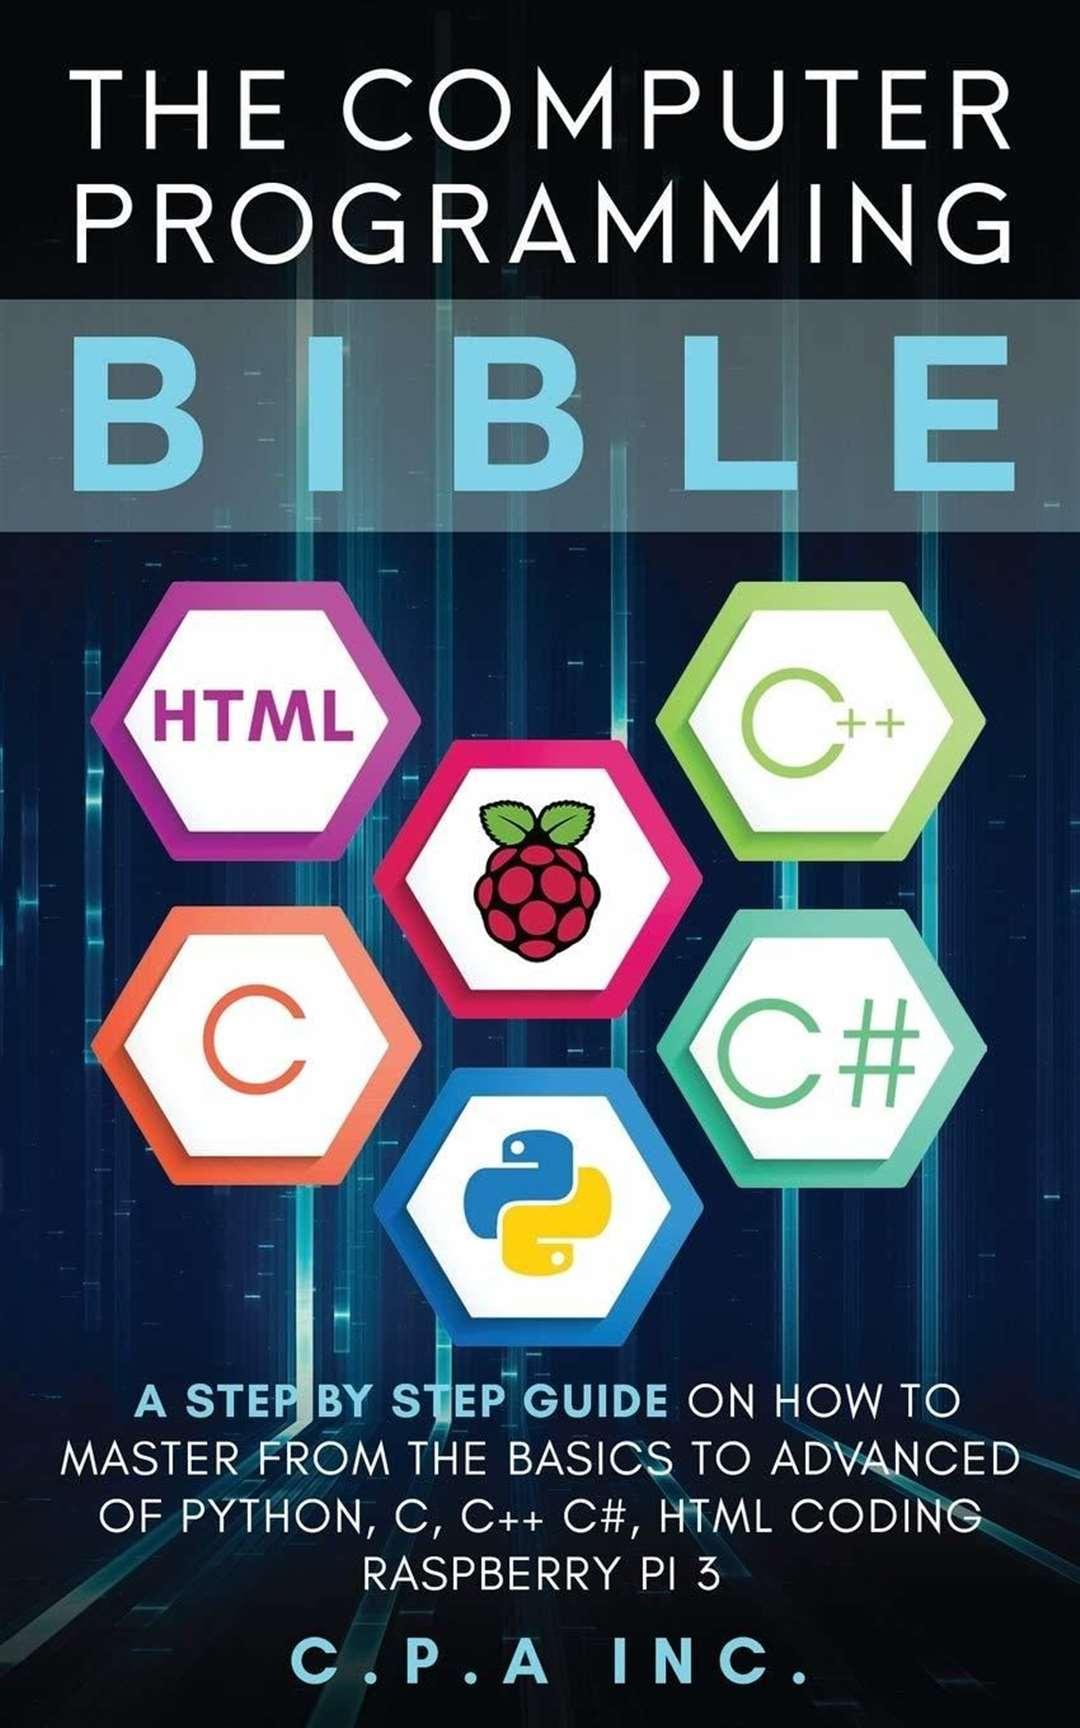 La Bible de programmation informatique par CPA Inc (43297284)